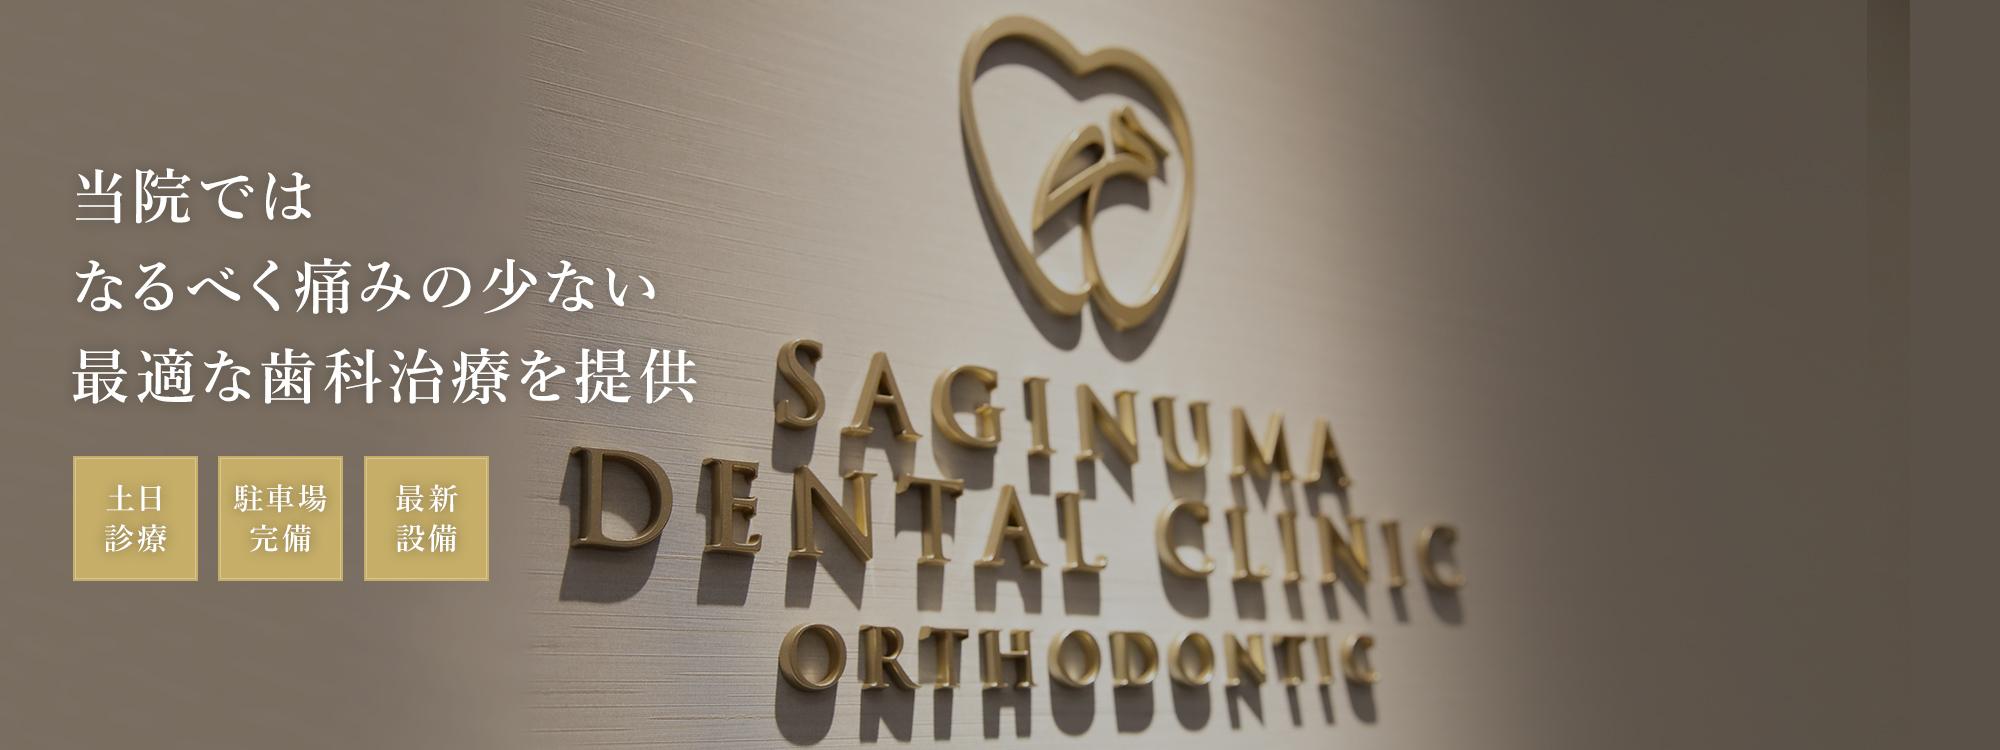 当院では なるべく痛みの少ない 最適な歯科治療を提供